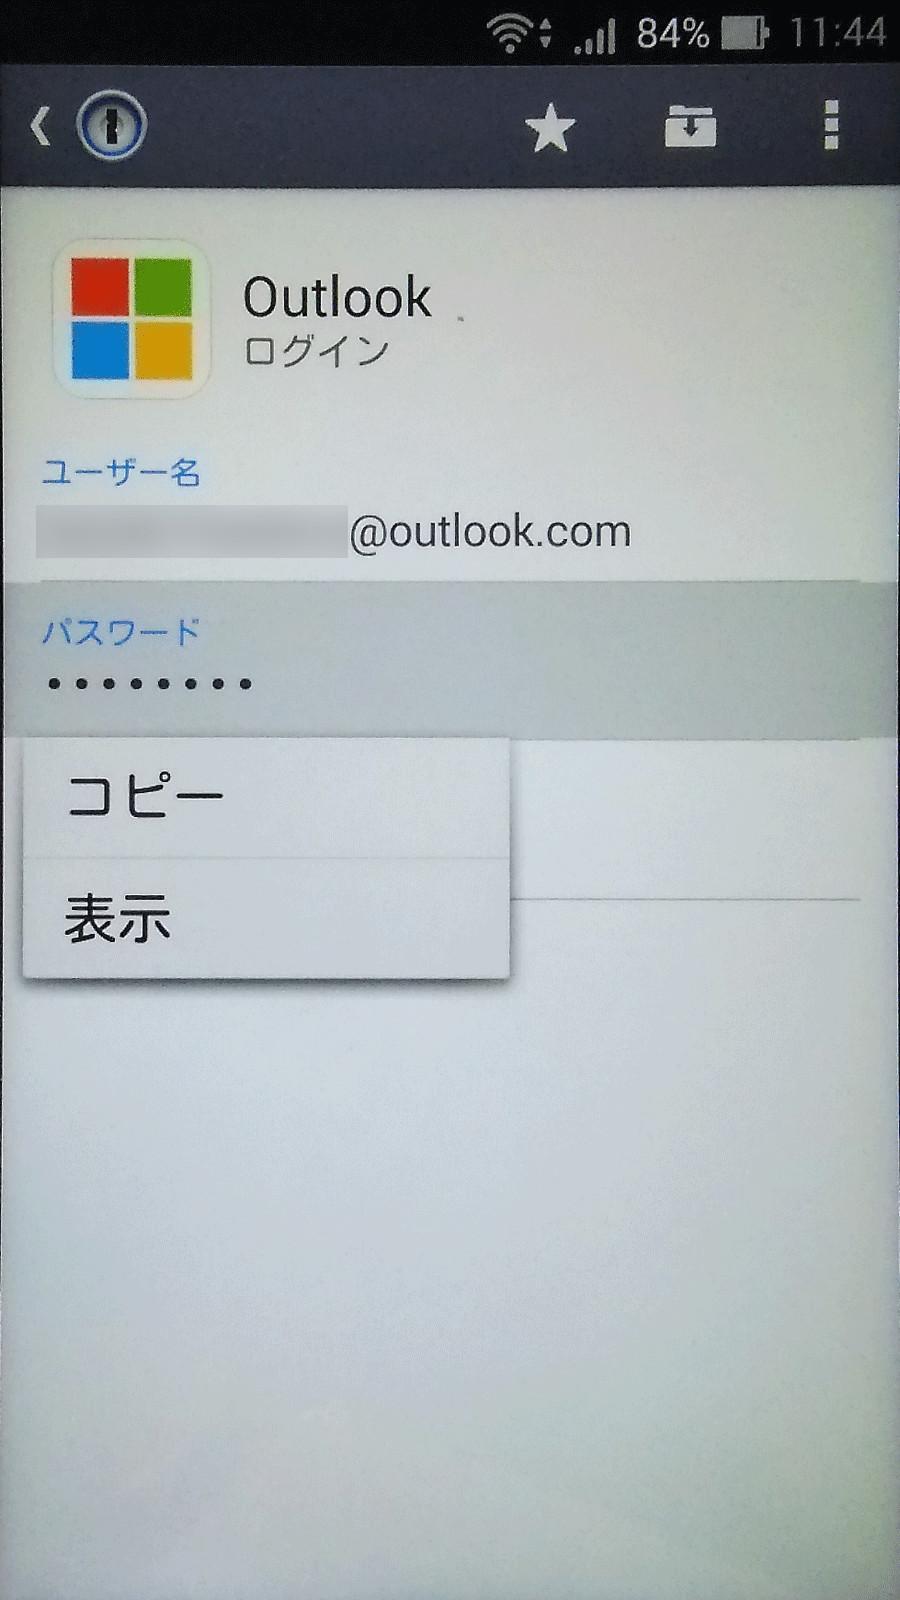 IDやパスワードをタッチしてクリップボードにコピーしたり、パスワードを表示することが可能